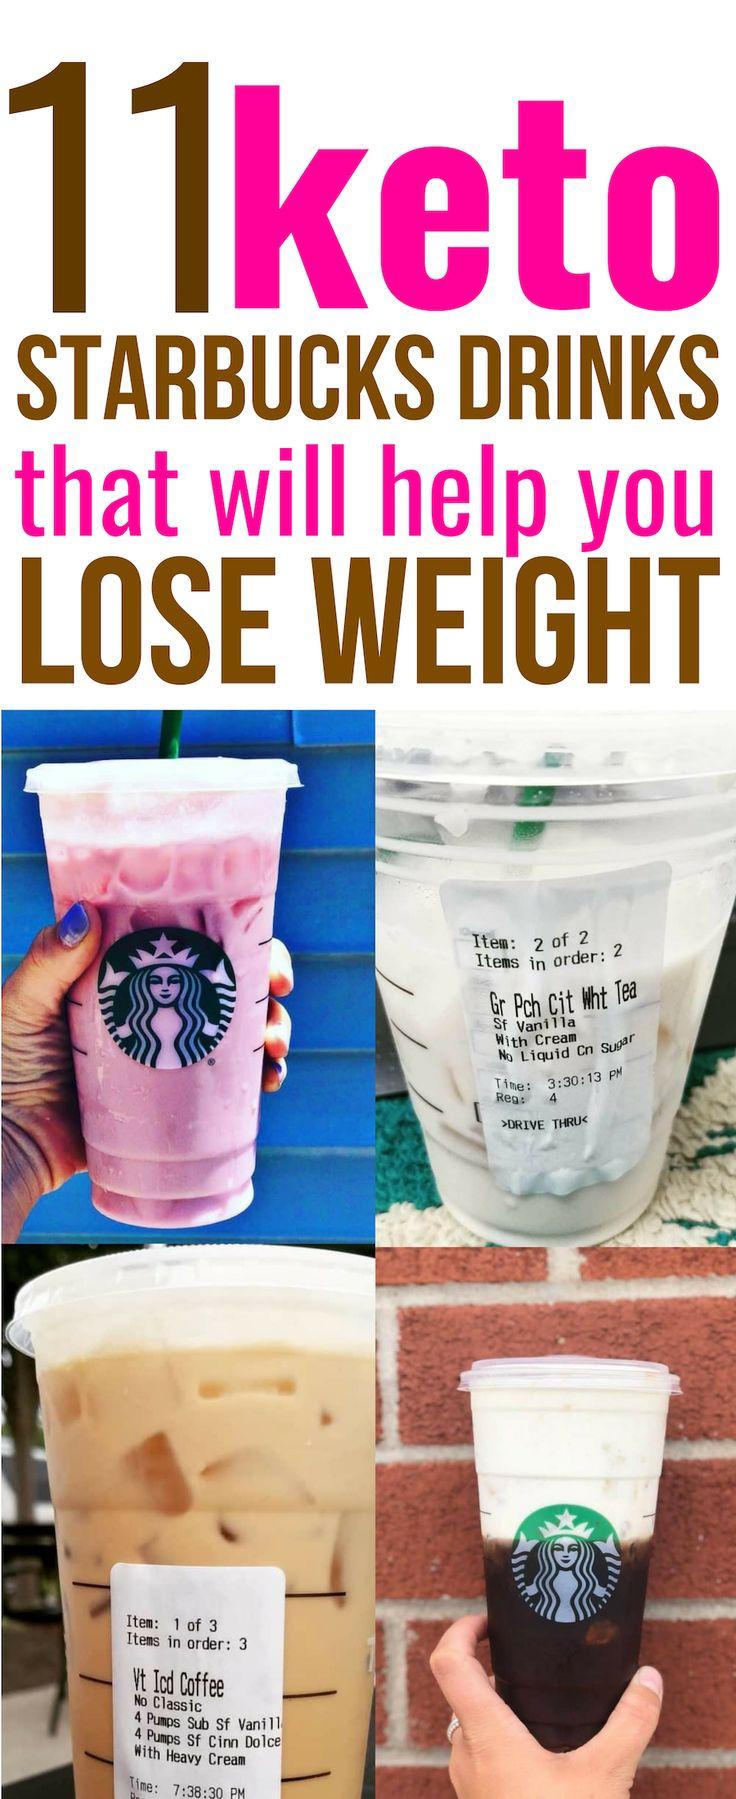 33 Low Carb Starbucks Drinks Keto Dieters Can Enjoy   – Meraadi- The Best Of